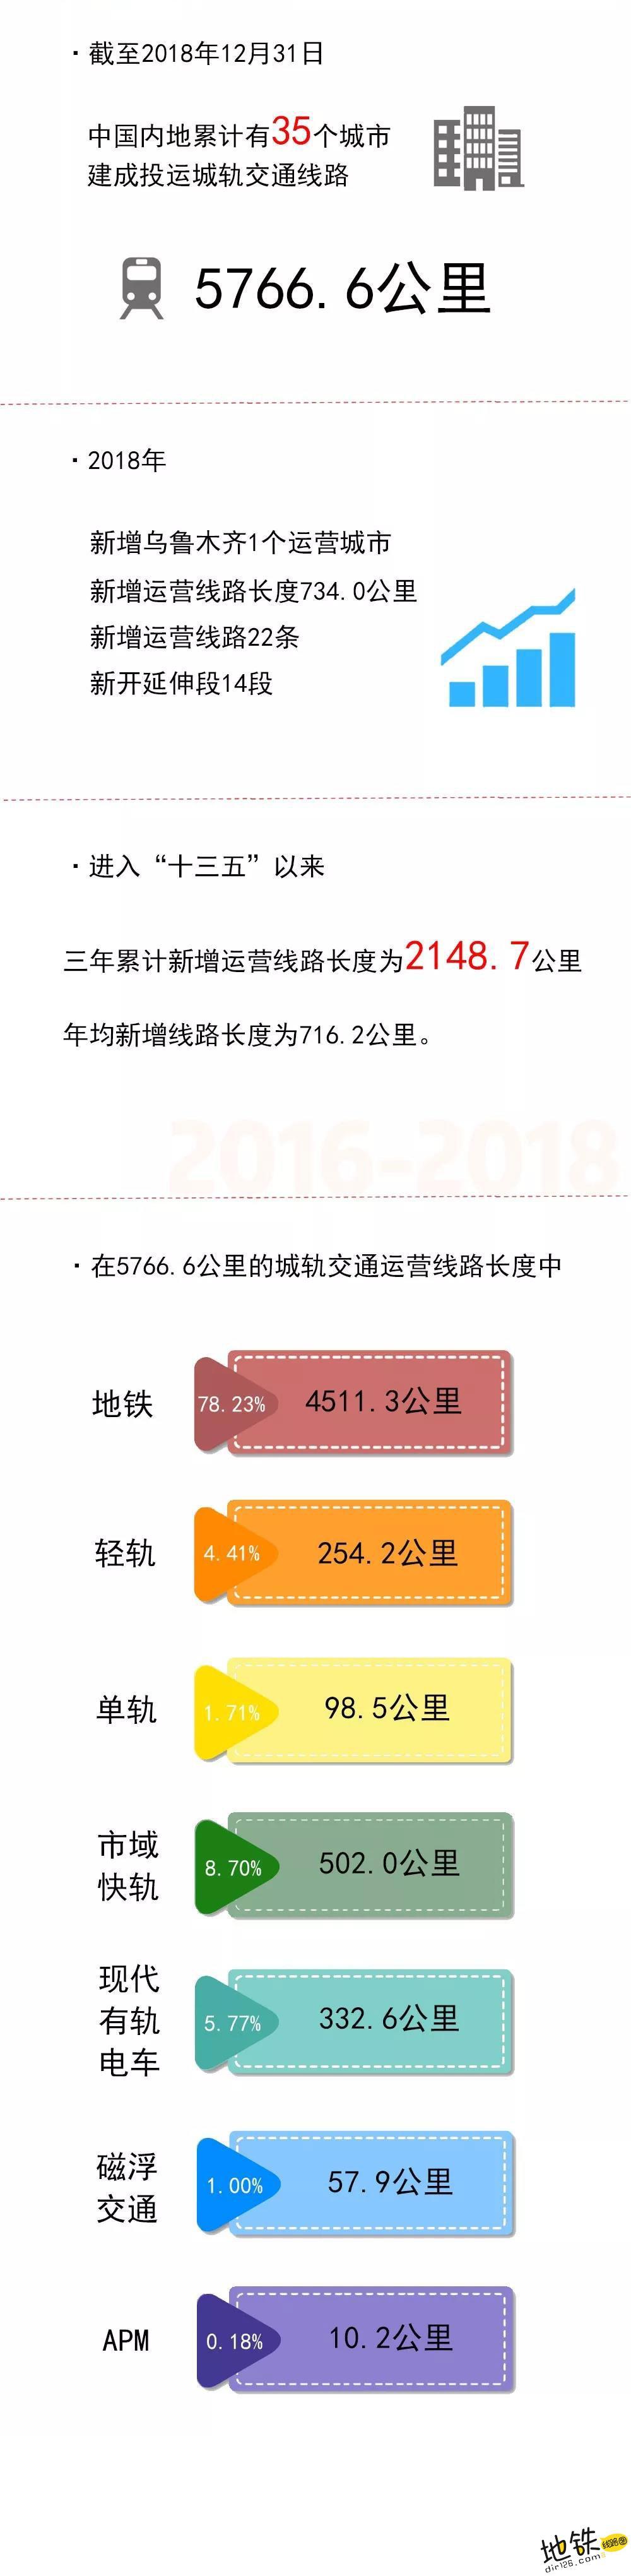 新年成绩单!2018年中国内地城轨交通线路概况 地铁 轨道交通 统计 中国 城轨 2018 轨道知识  第2张